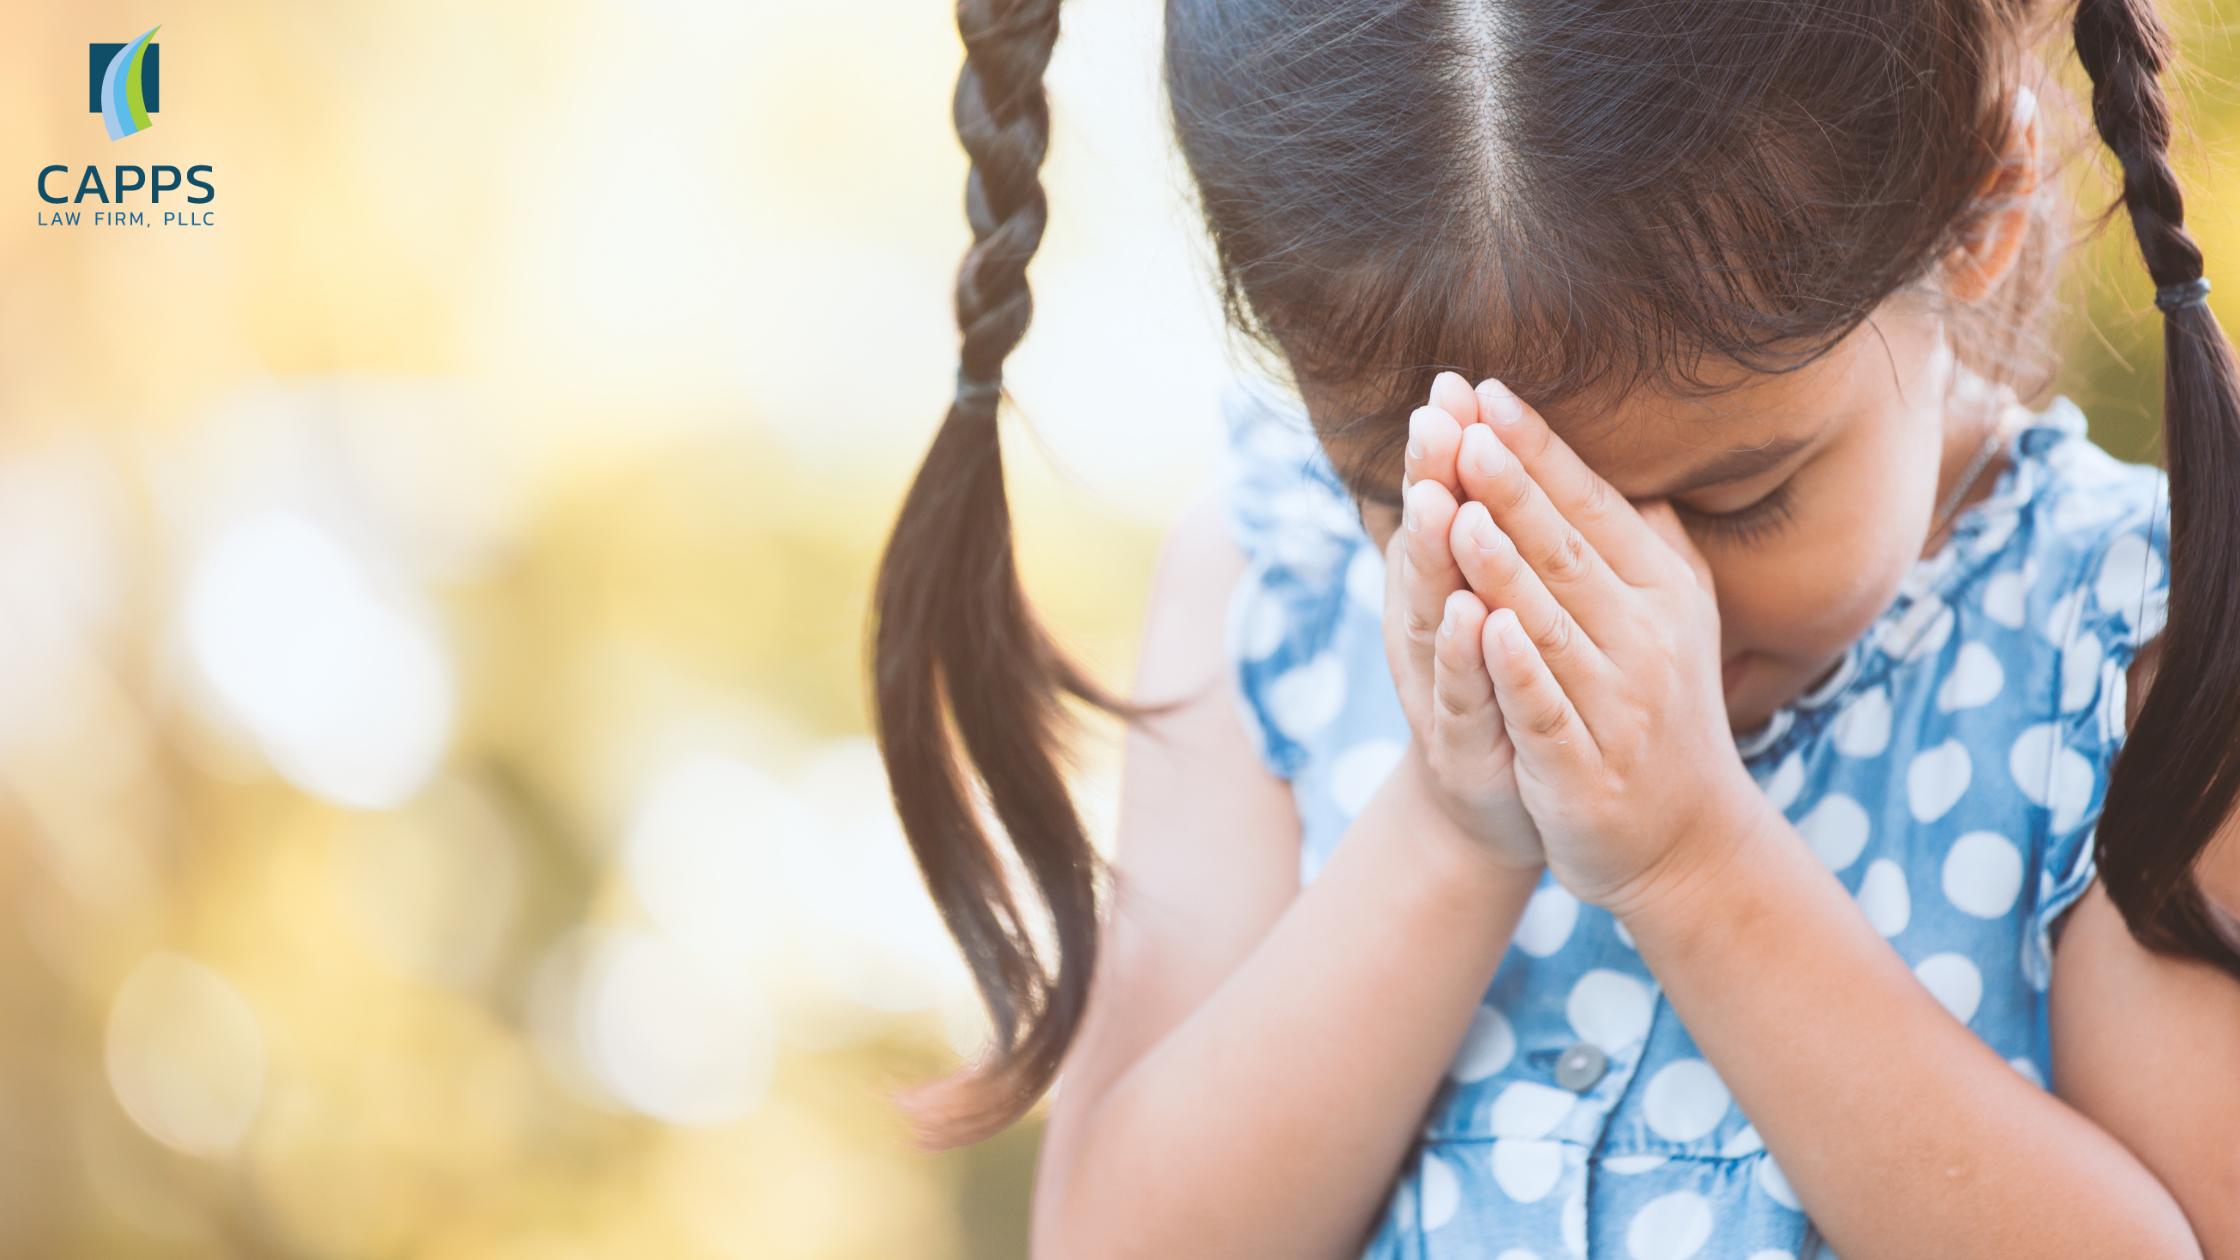 young child praying